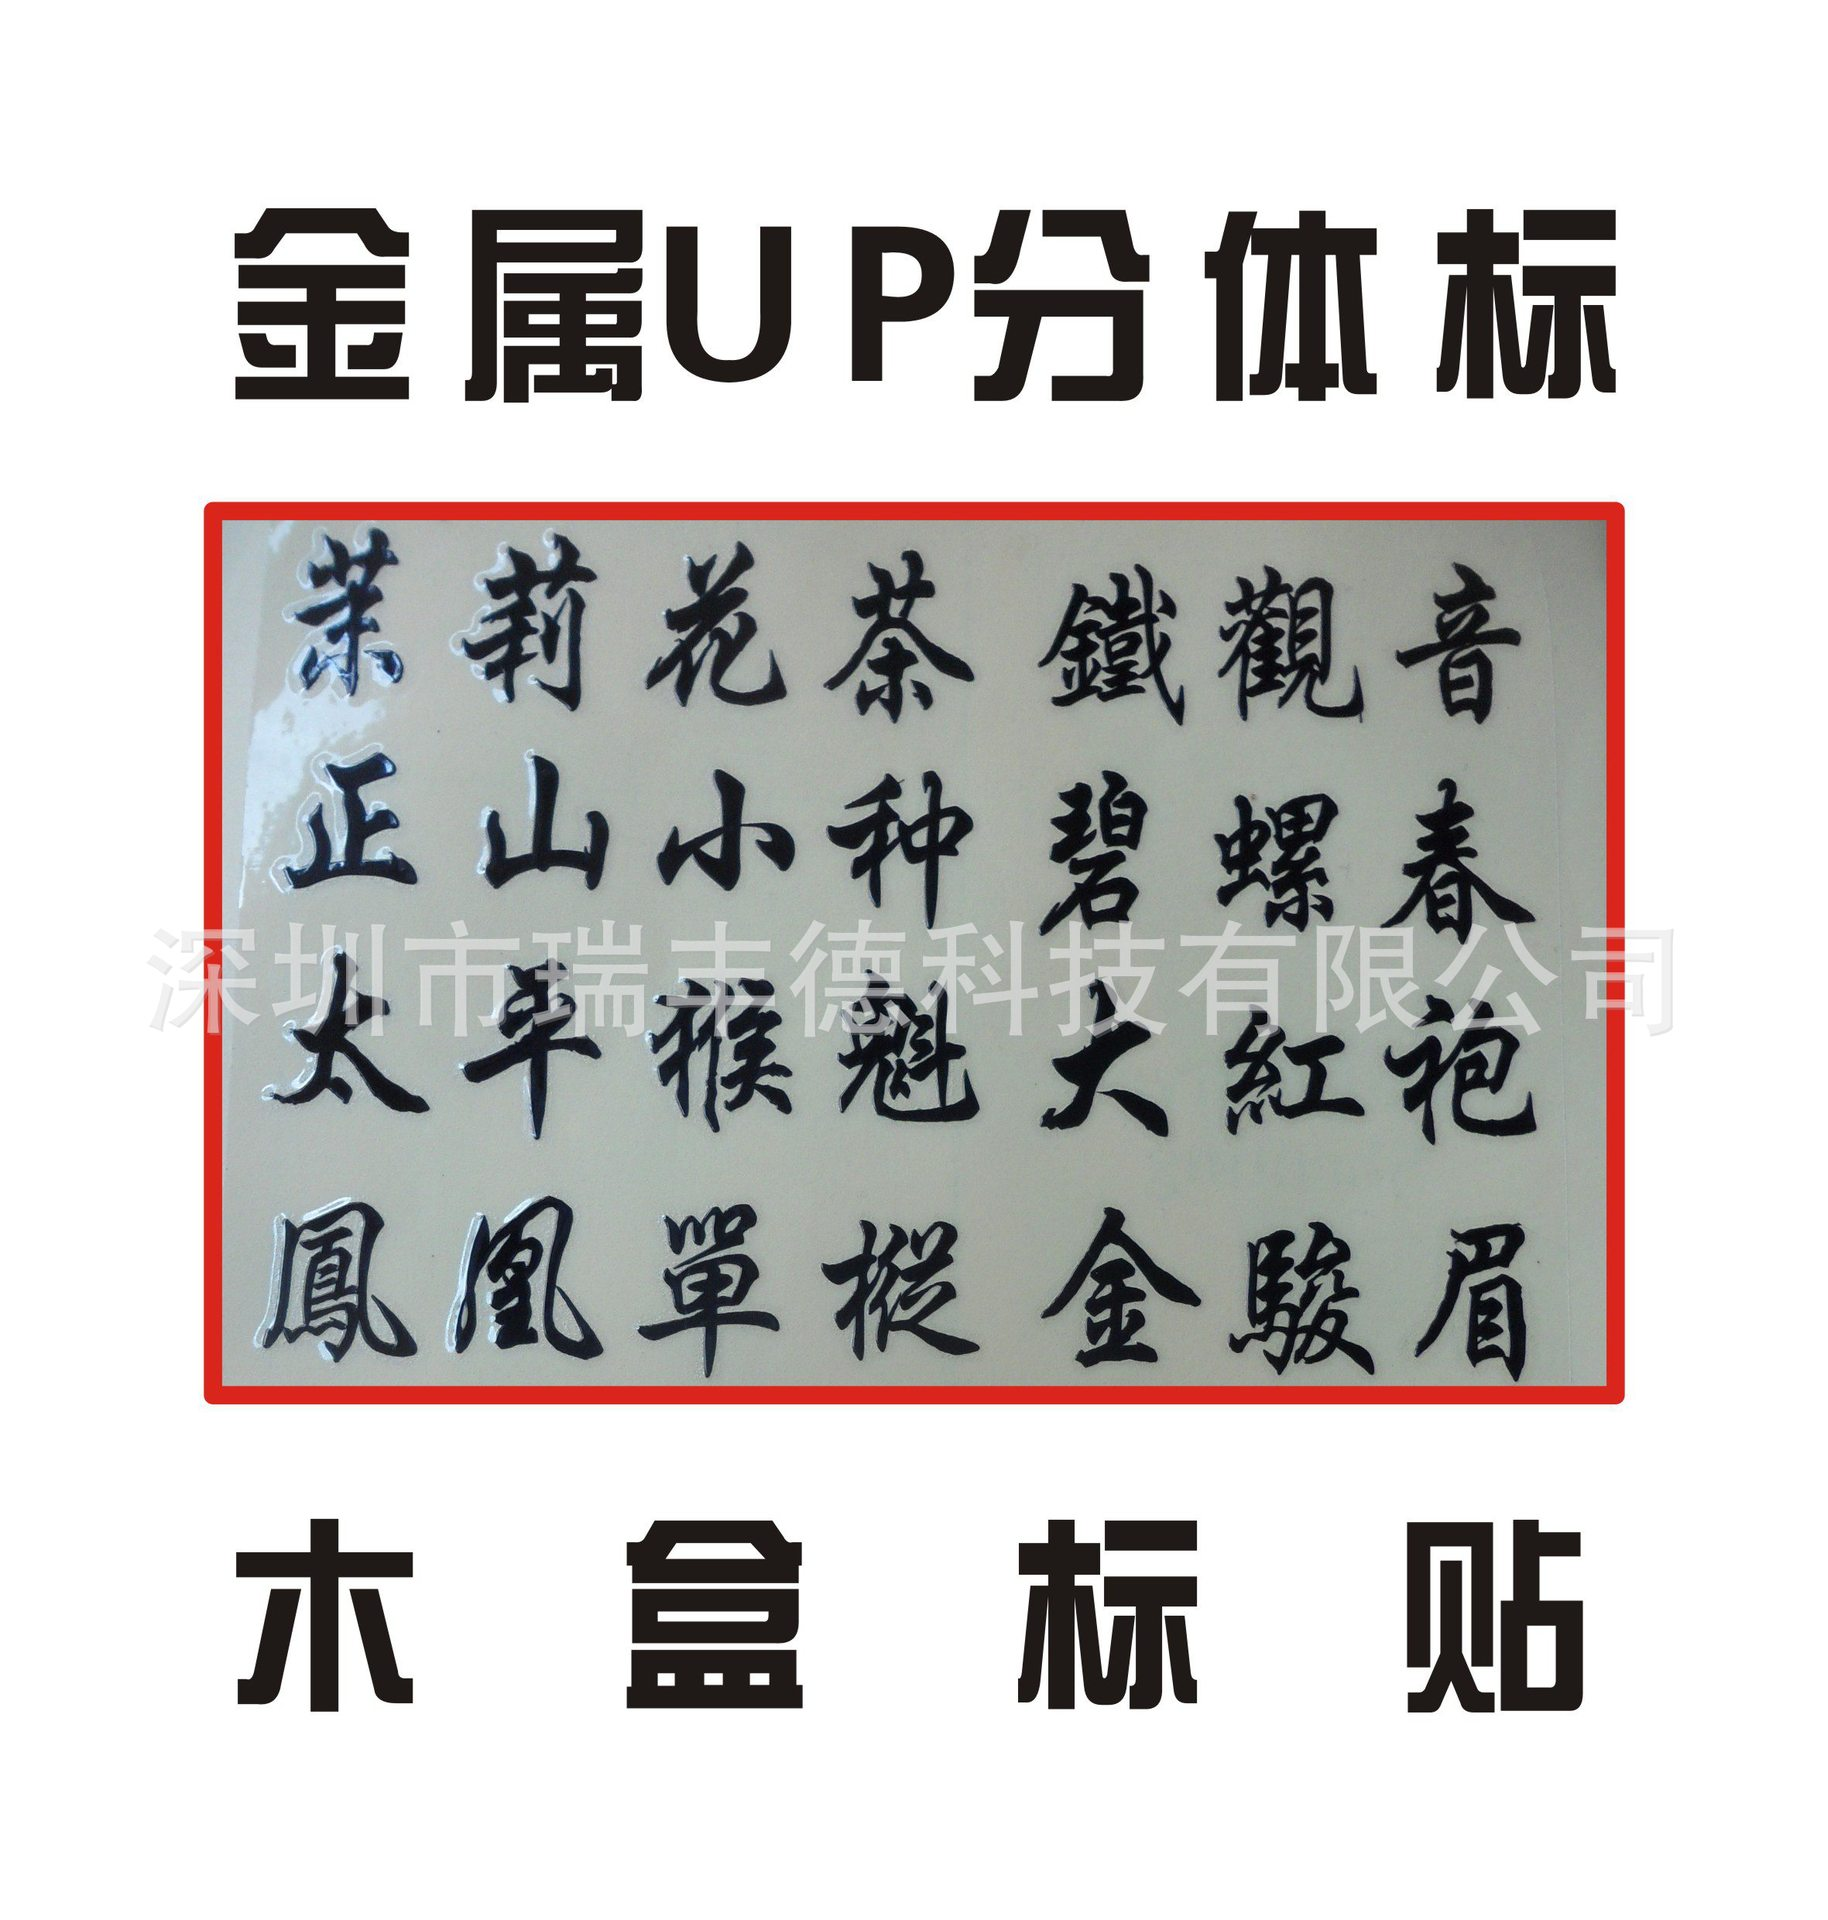 供应电铸标牌超薄金属标贴镍片金属标贴金属分体字标图片